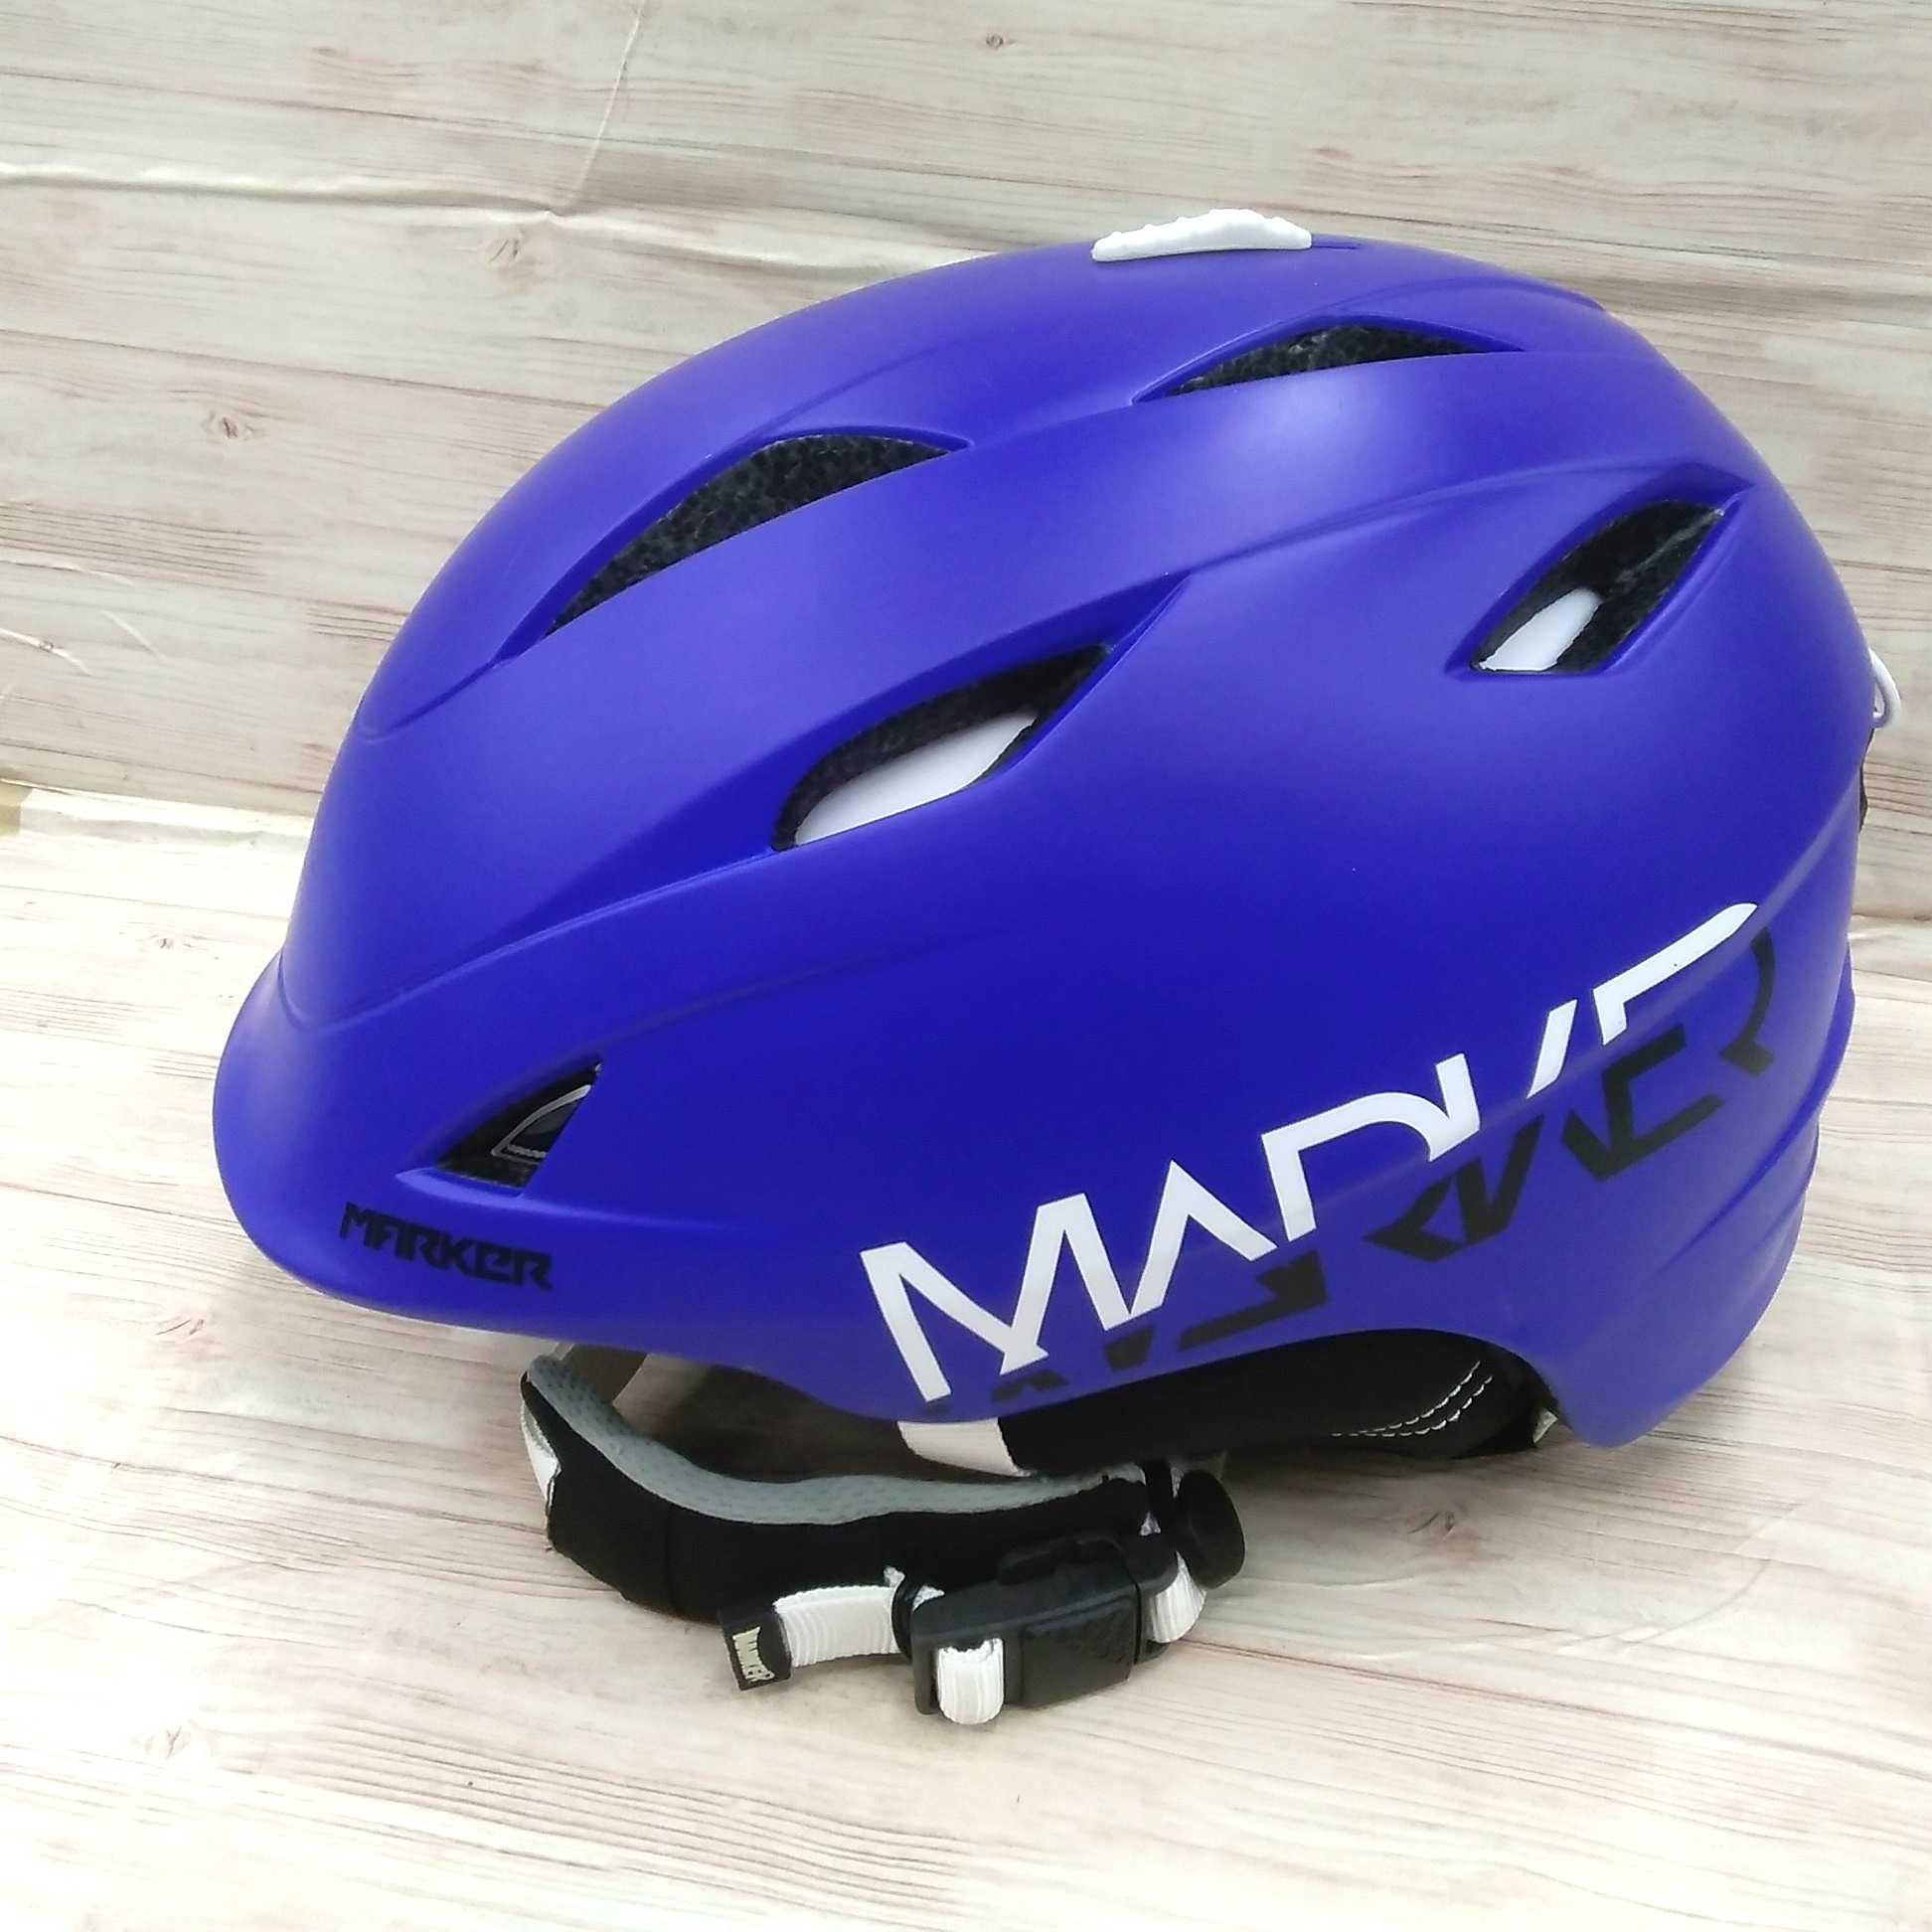 ウインタースポーツ用ヘルメット|MARKER